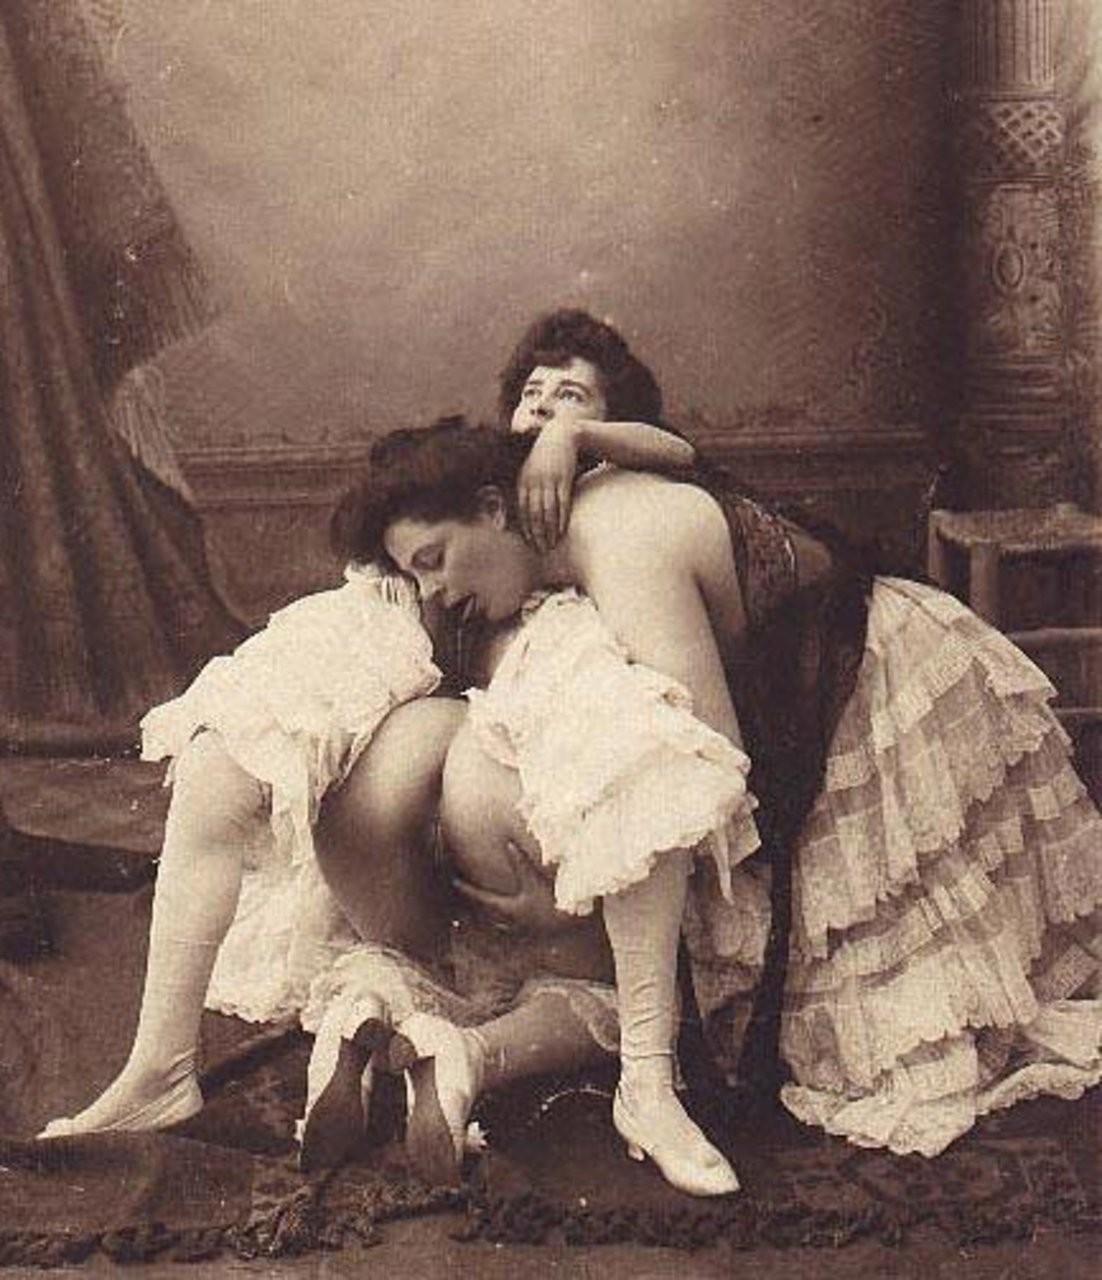 lesbian wrestling picture – Lesbian